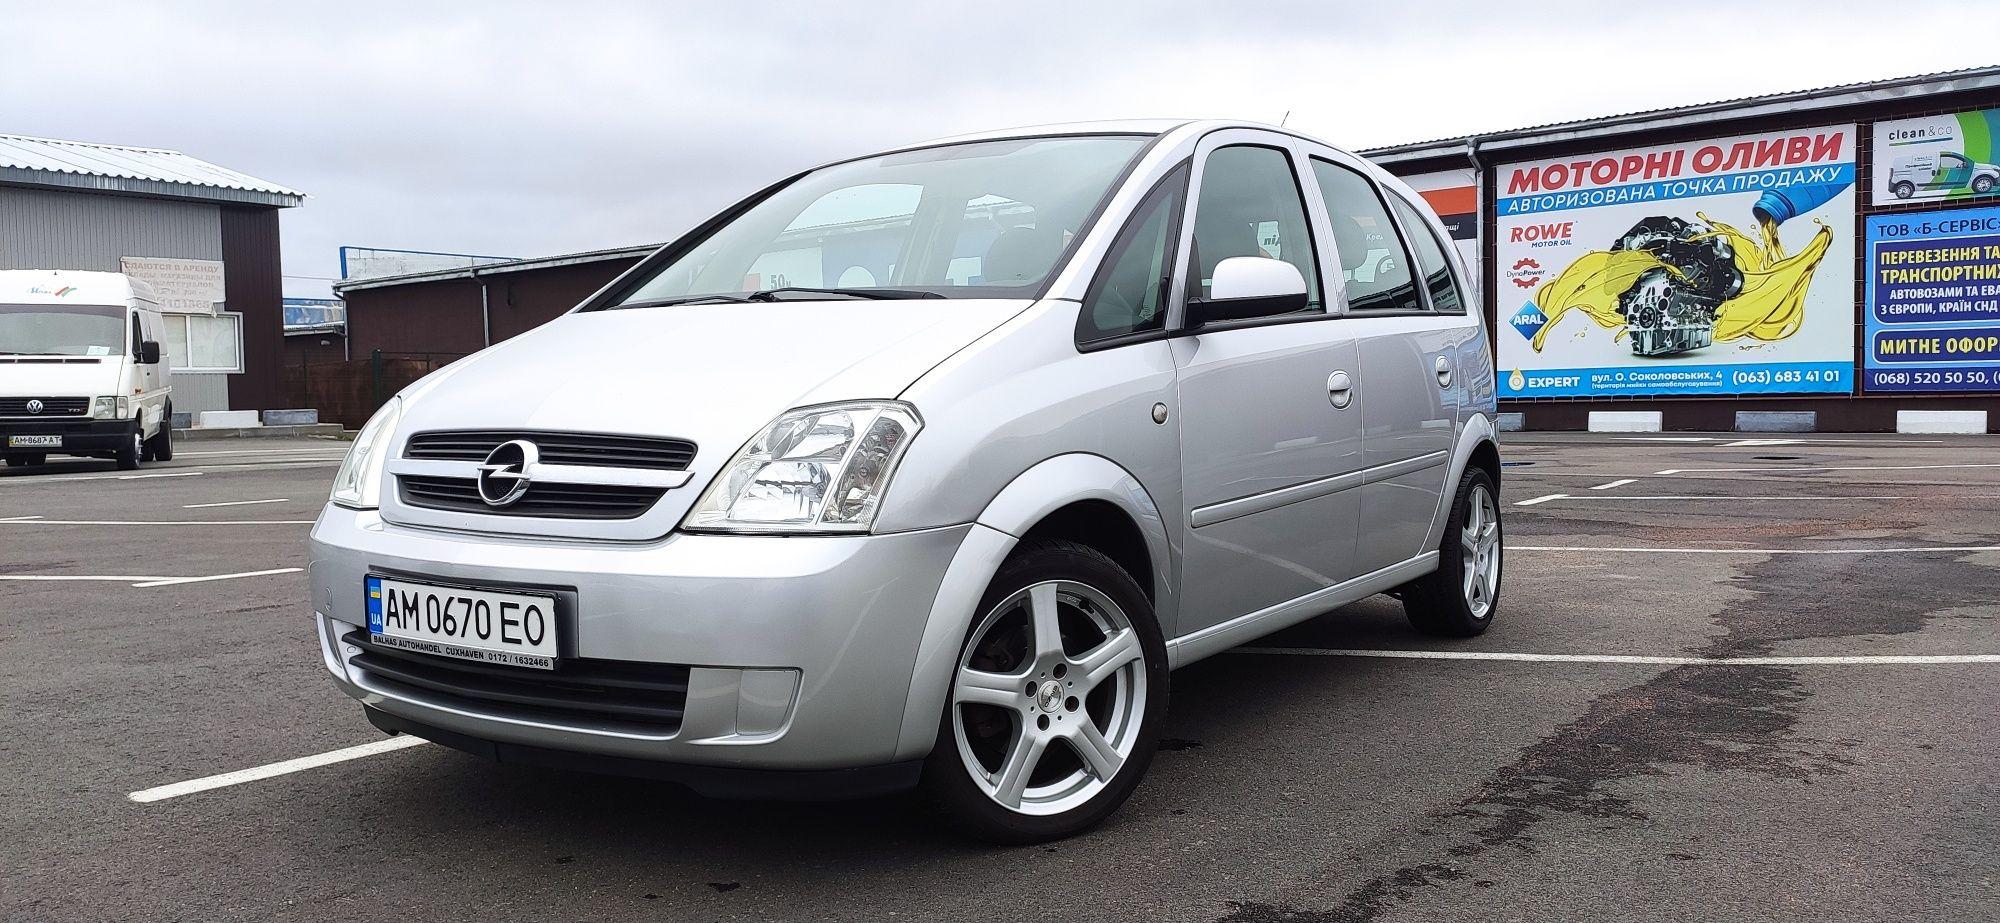 Opel Meriva 1.4 Germany. Свежепригнана